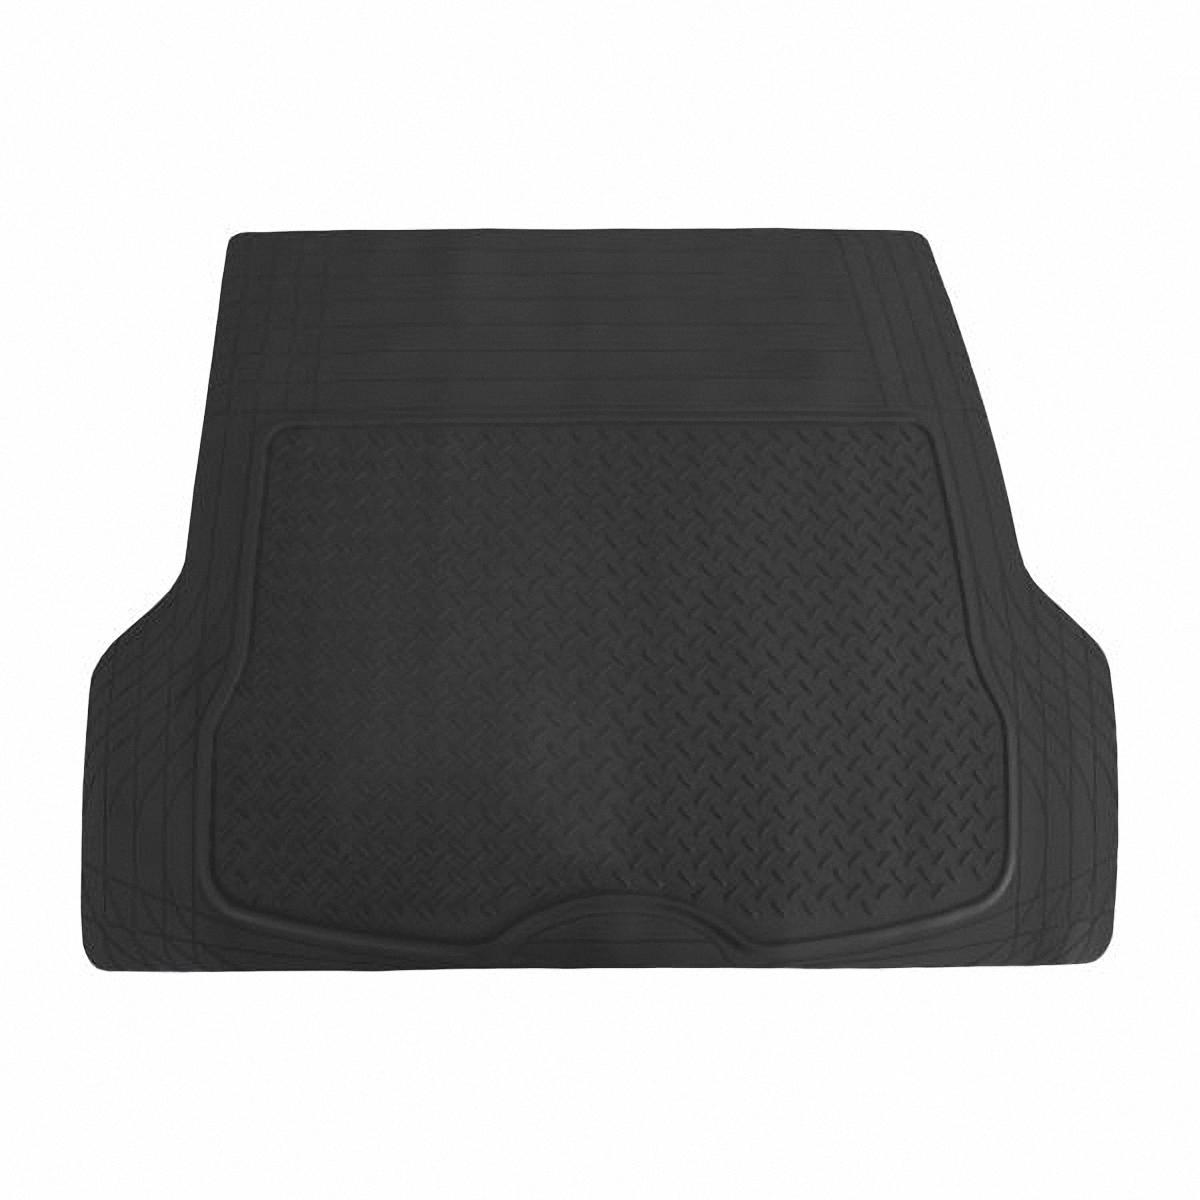 Коврик в салон автомобиля Skyway, в багажник, цвет: черный, 109,5 х 144 смDv18dblКоврик сохраняет эластичность даже при экстремально низких и высоких температурах (от -50°С до +50°С). Обладает повышенной устойчивостью к износу и агрессивным средам, таким как антигололёдные реагенты, масло и топливо. Усовершенствованная конструкция изделия обеспечивает плотное прилегание и надёжную фиксацию коврика на полу автомобиля.Размер: 109,5 х 144 см.